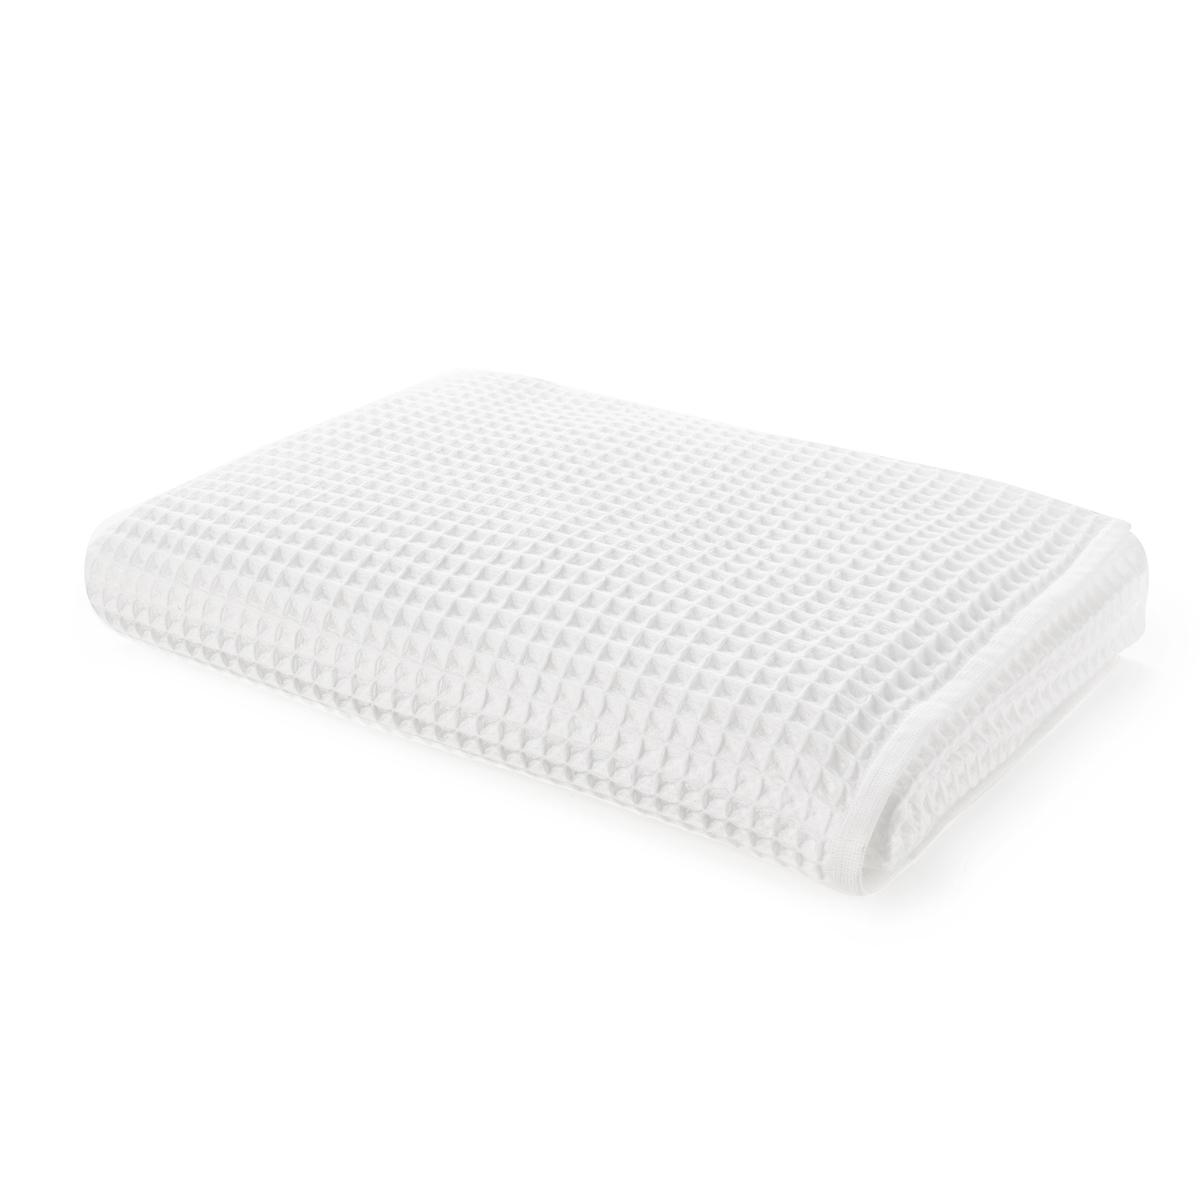 Полотенце банное из вафельной ткани SCÉNARIO [супермаркет] hing jingdong полотенца сушка хлопчатобумажные 32 взрослых полотенце три загружено 32 72см смешение цветов